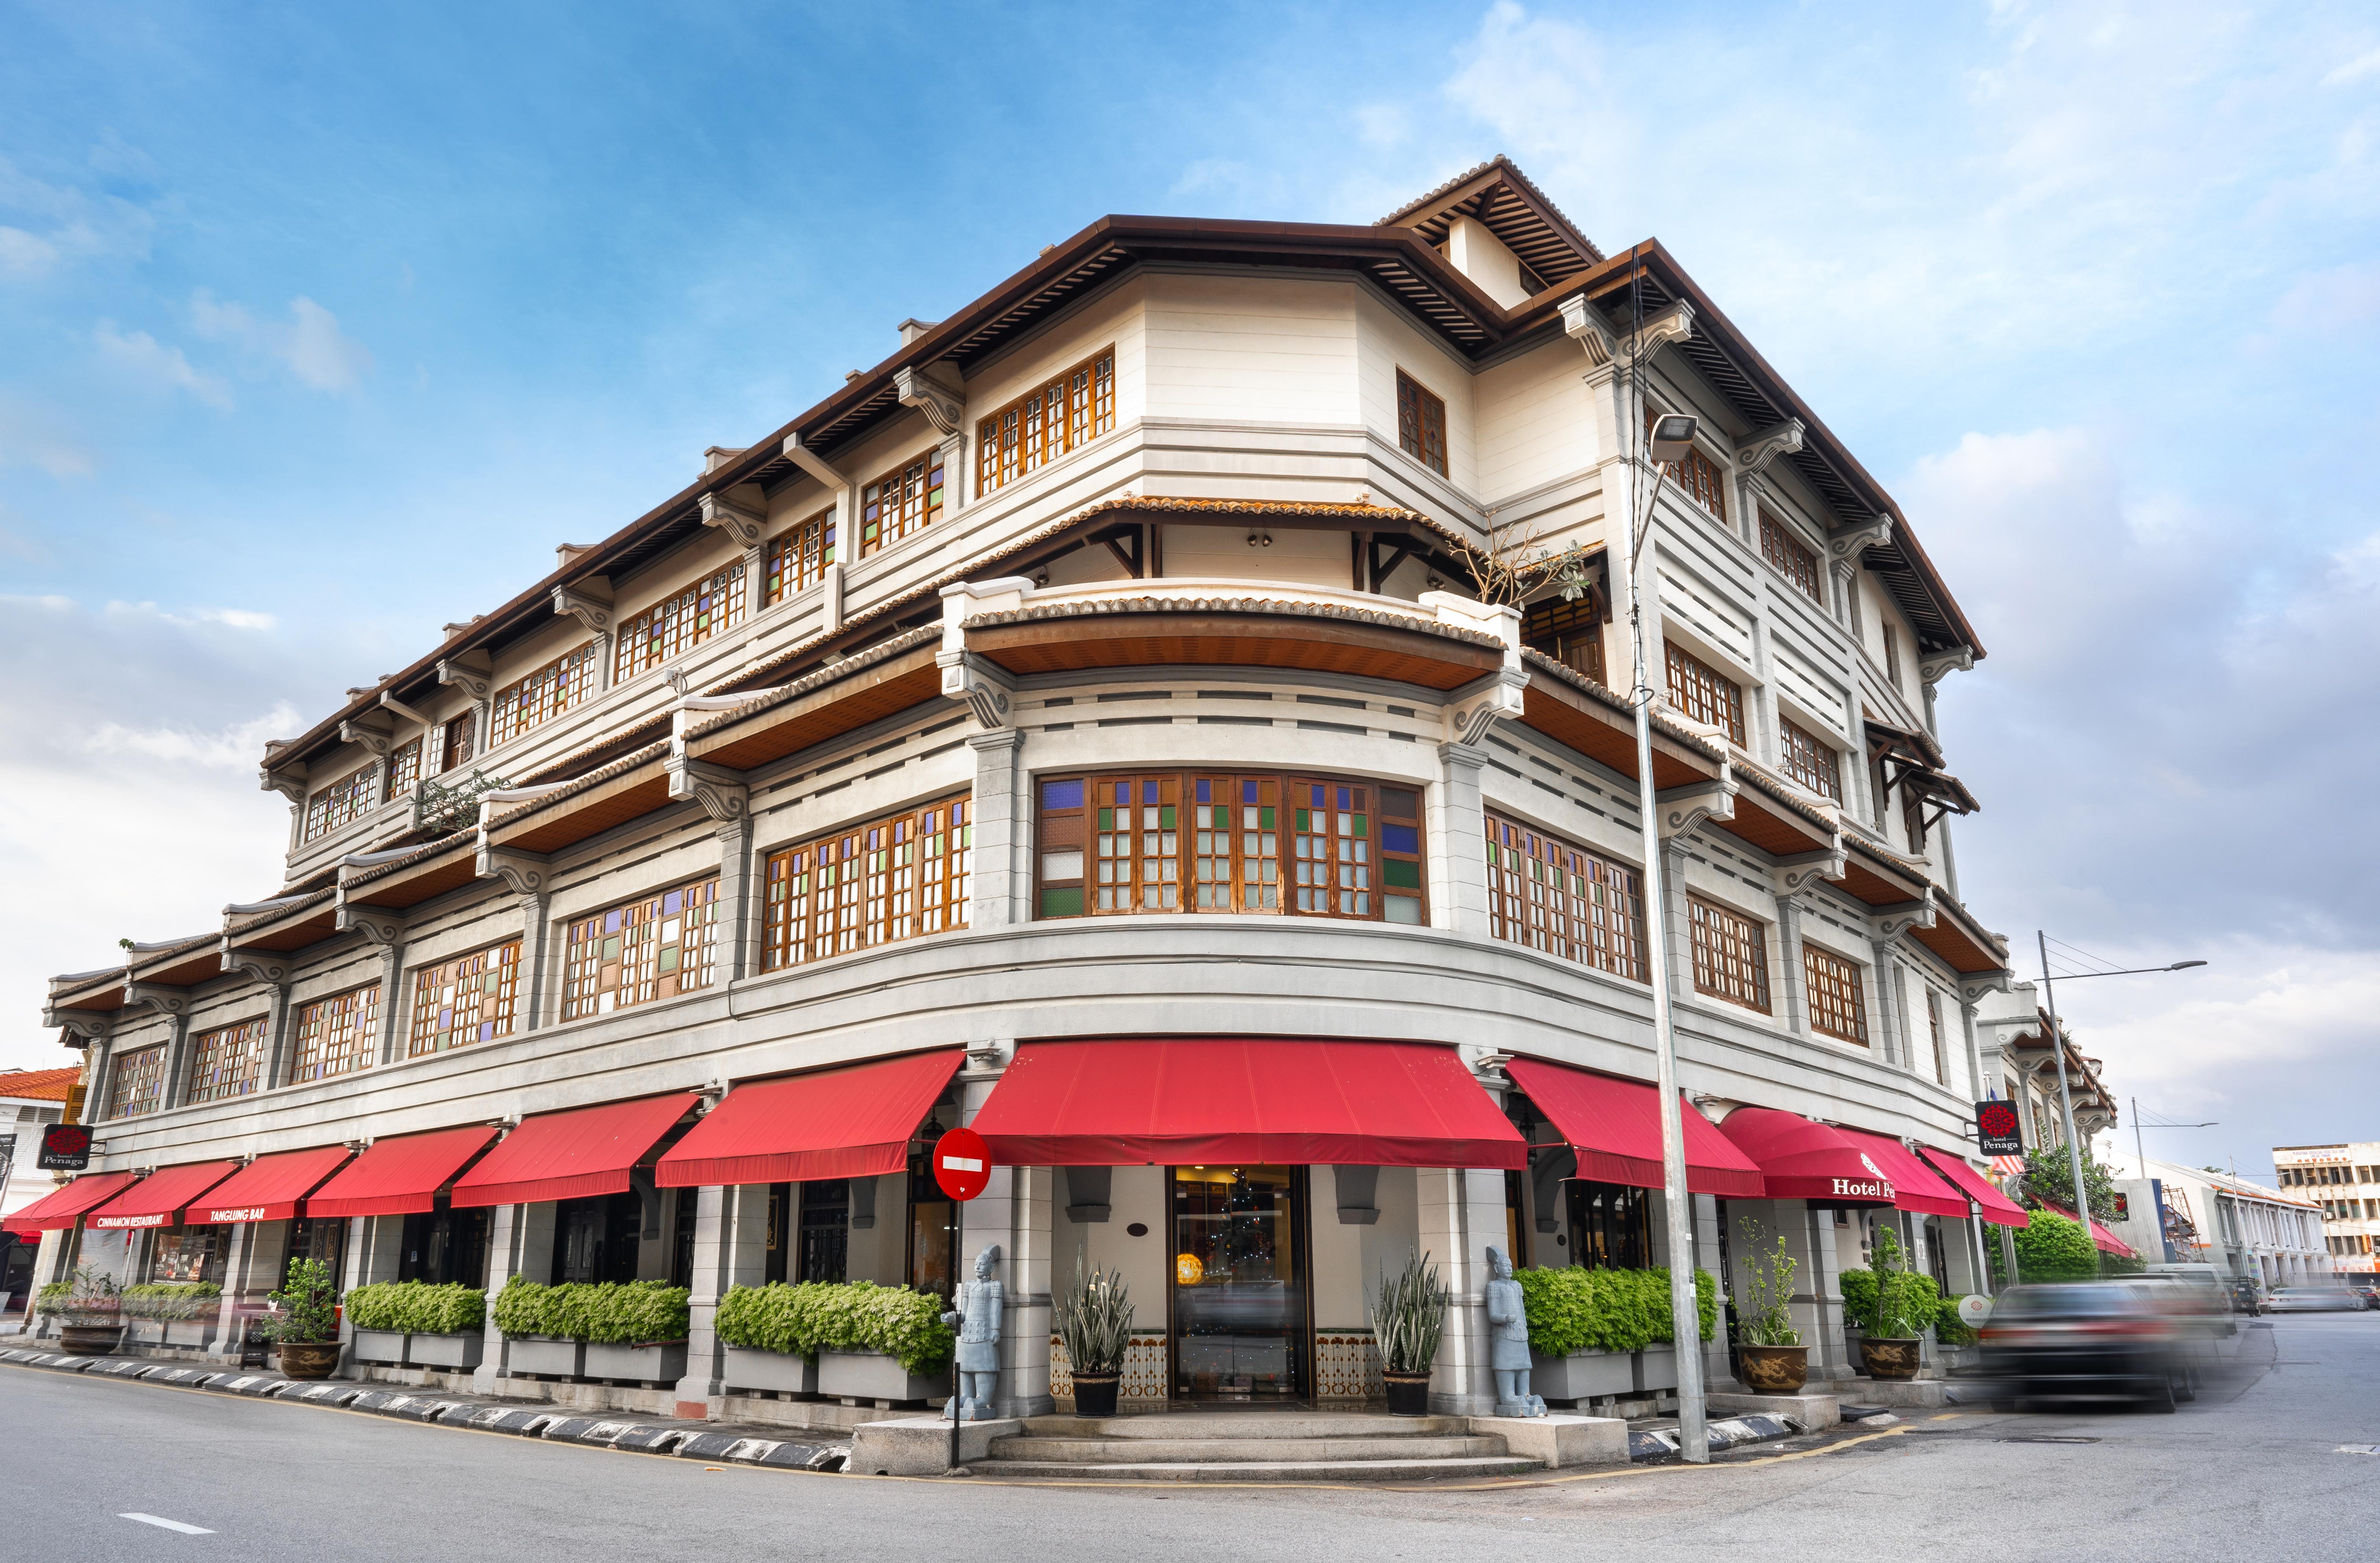 Hotel Penaga - Facade - Day View (1)